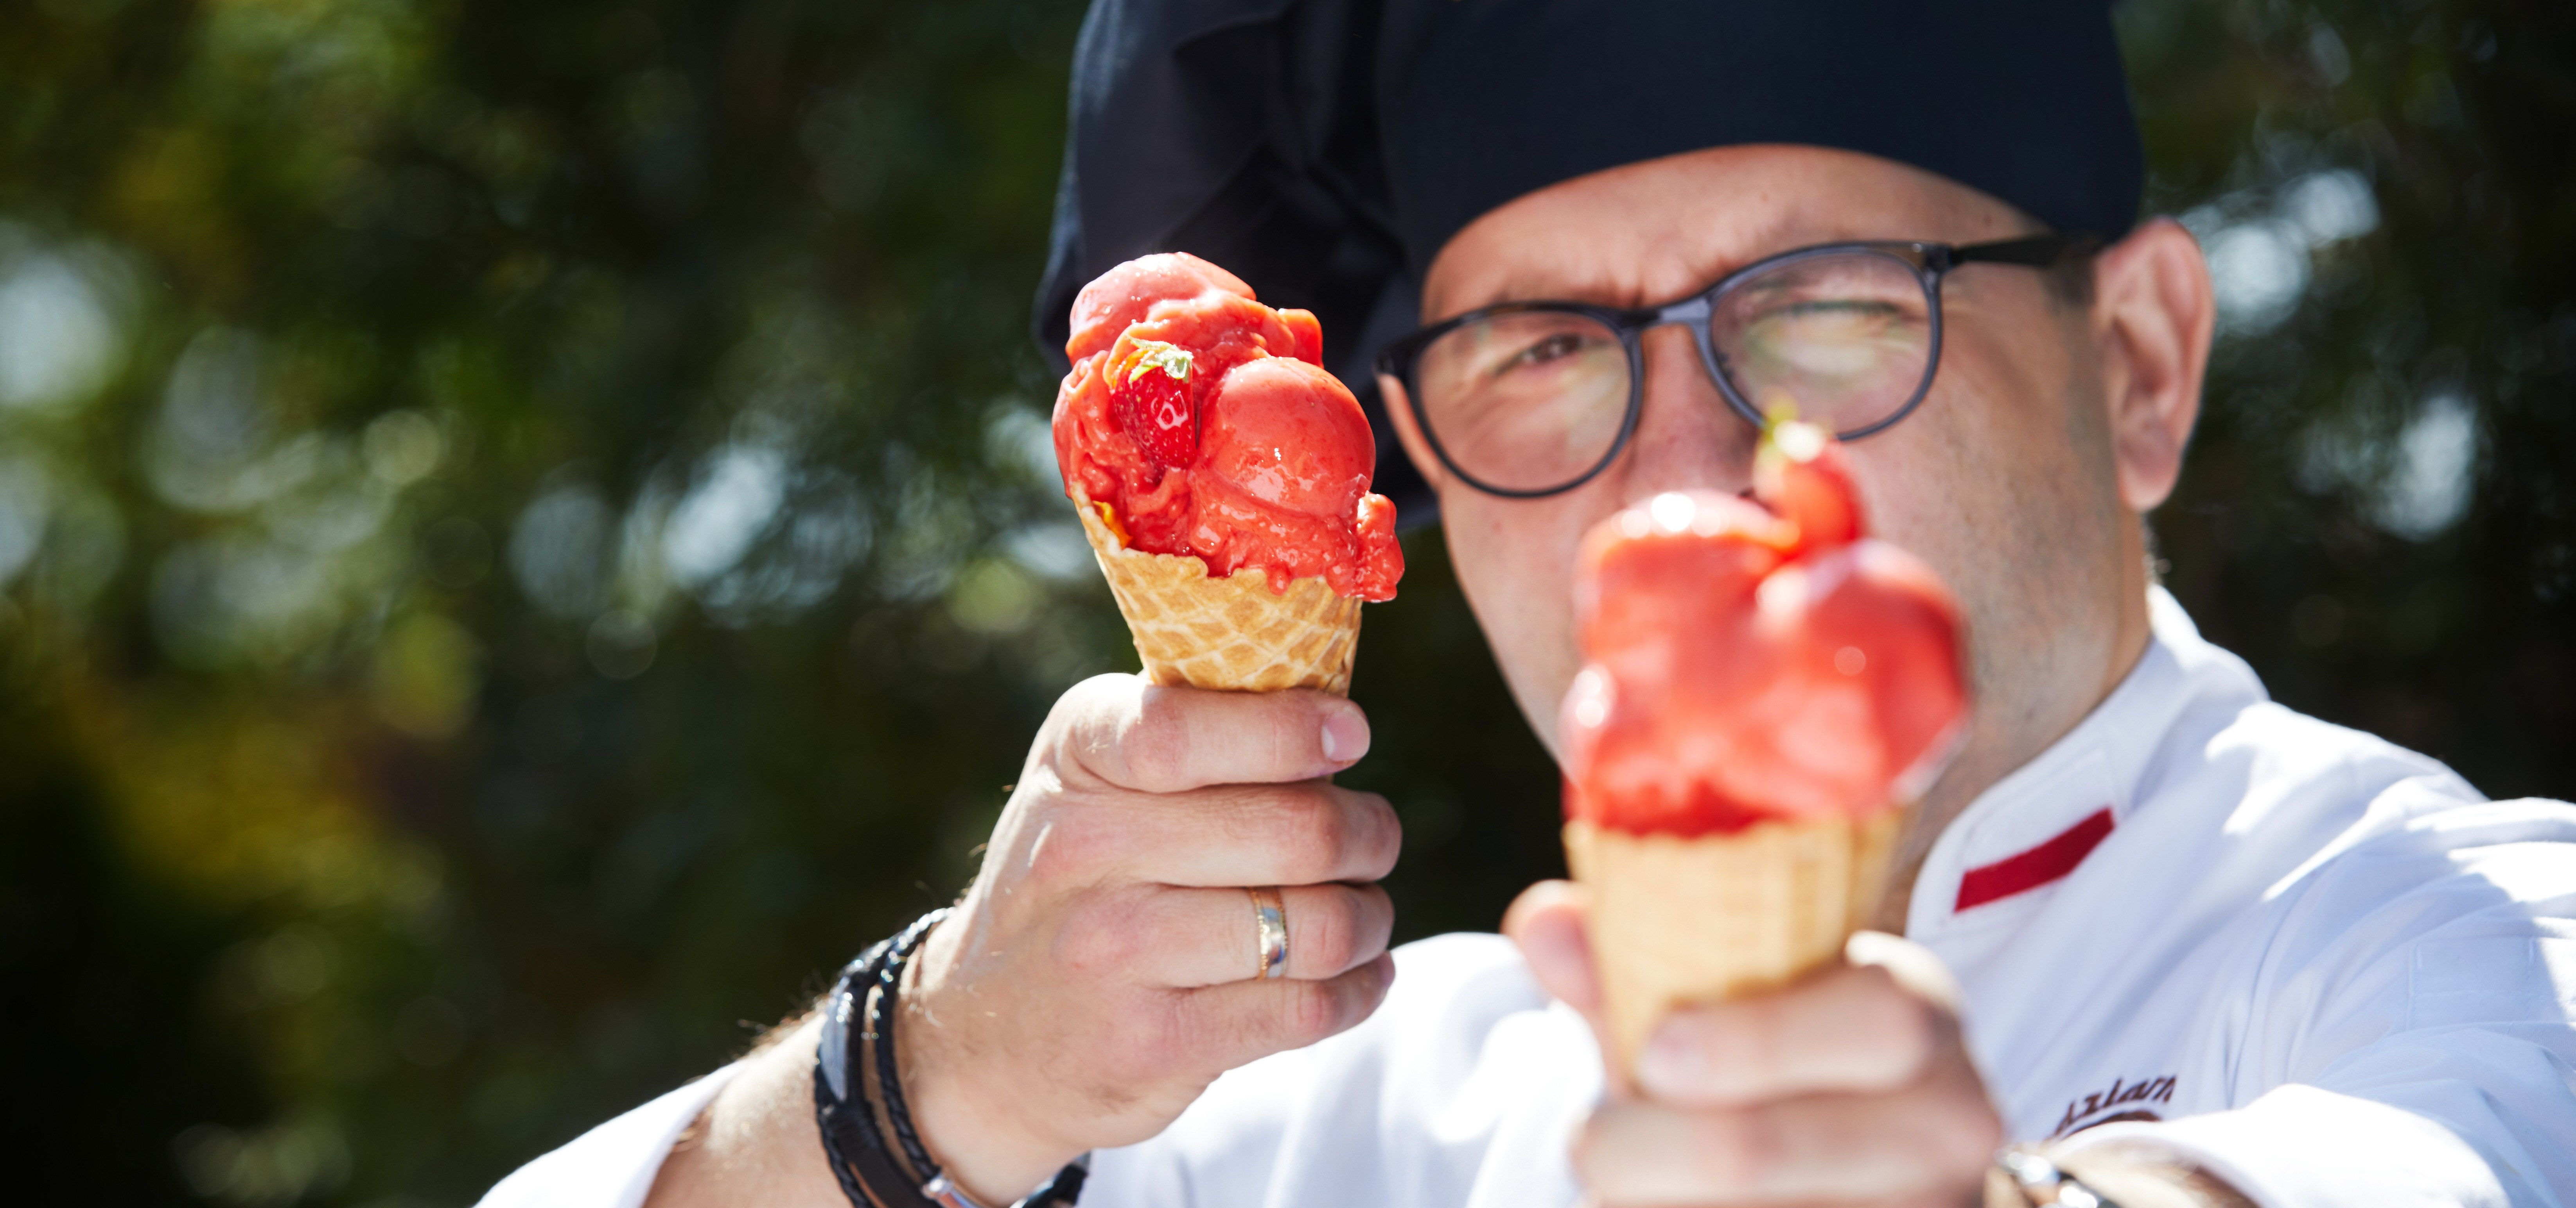 Branża owocowa zaprasza branżę lodową do promocji lodów jagodowych